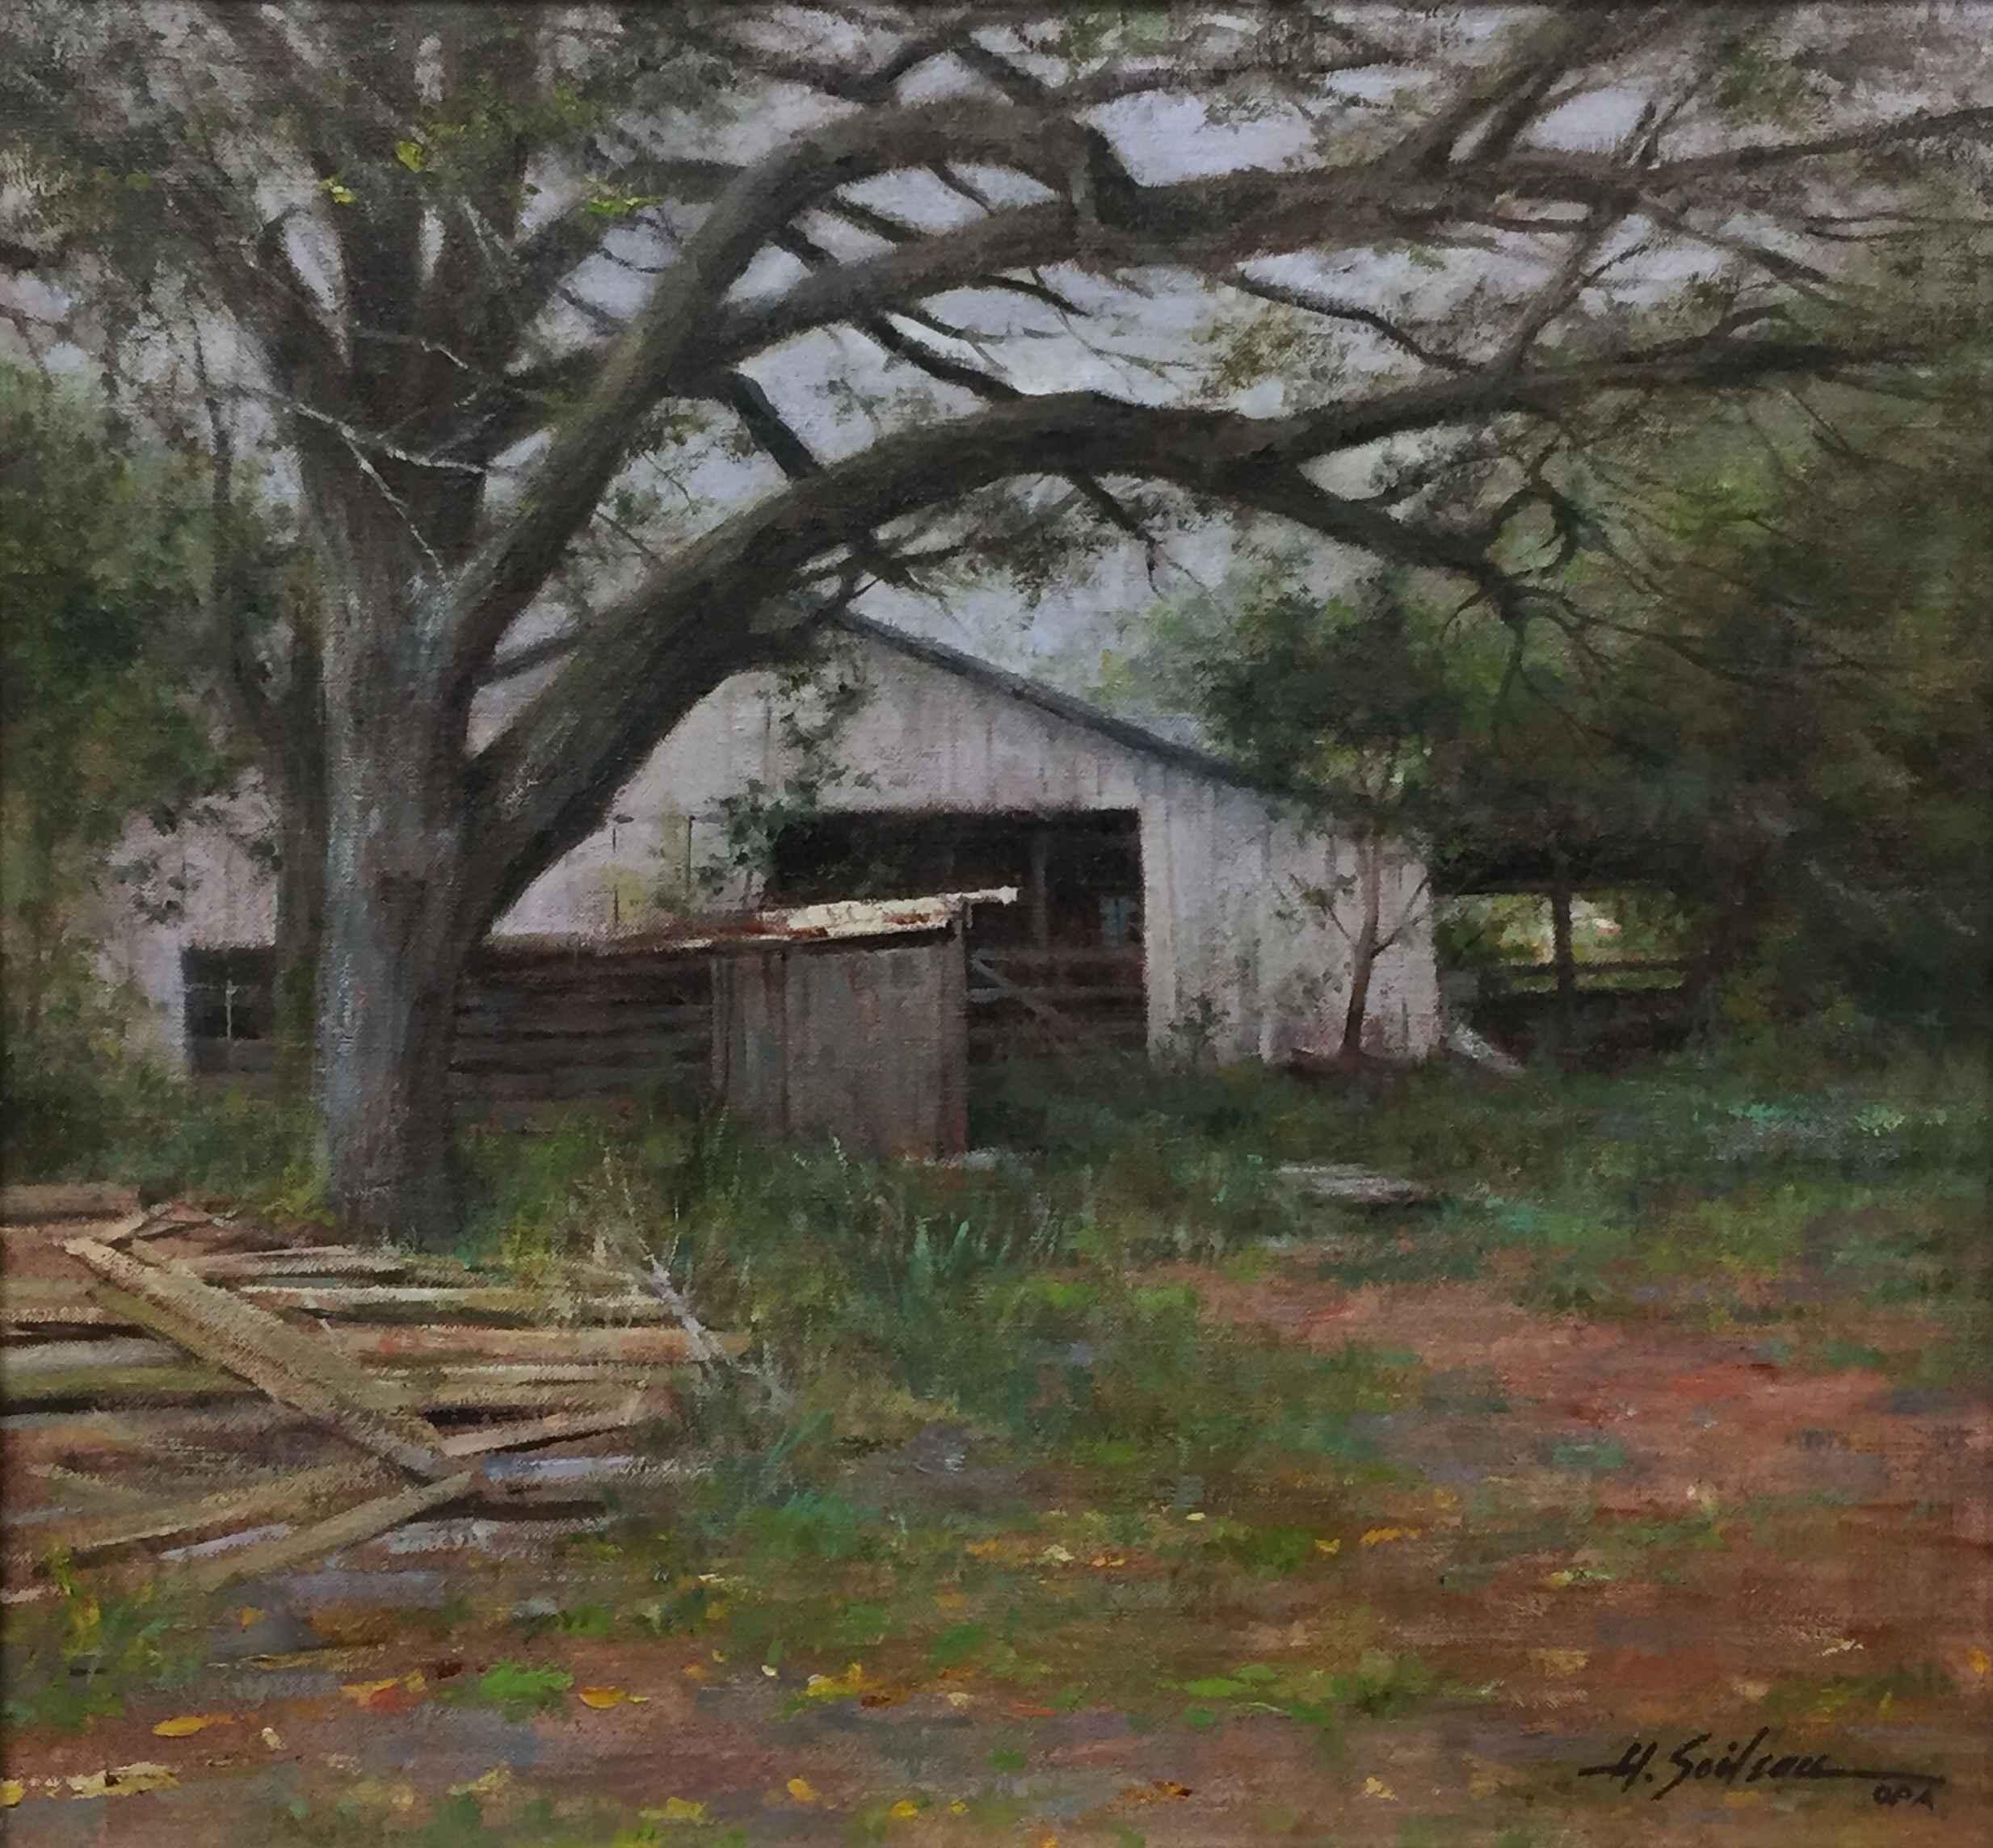 Brings Back Memories by  Hodges Soileau - Masterpiece Online